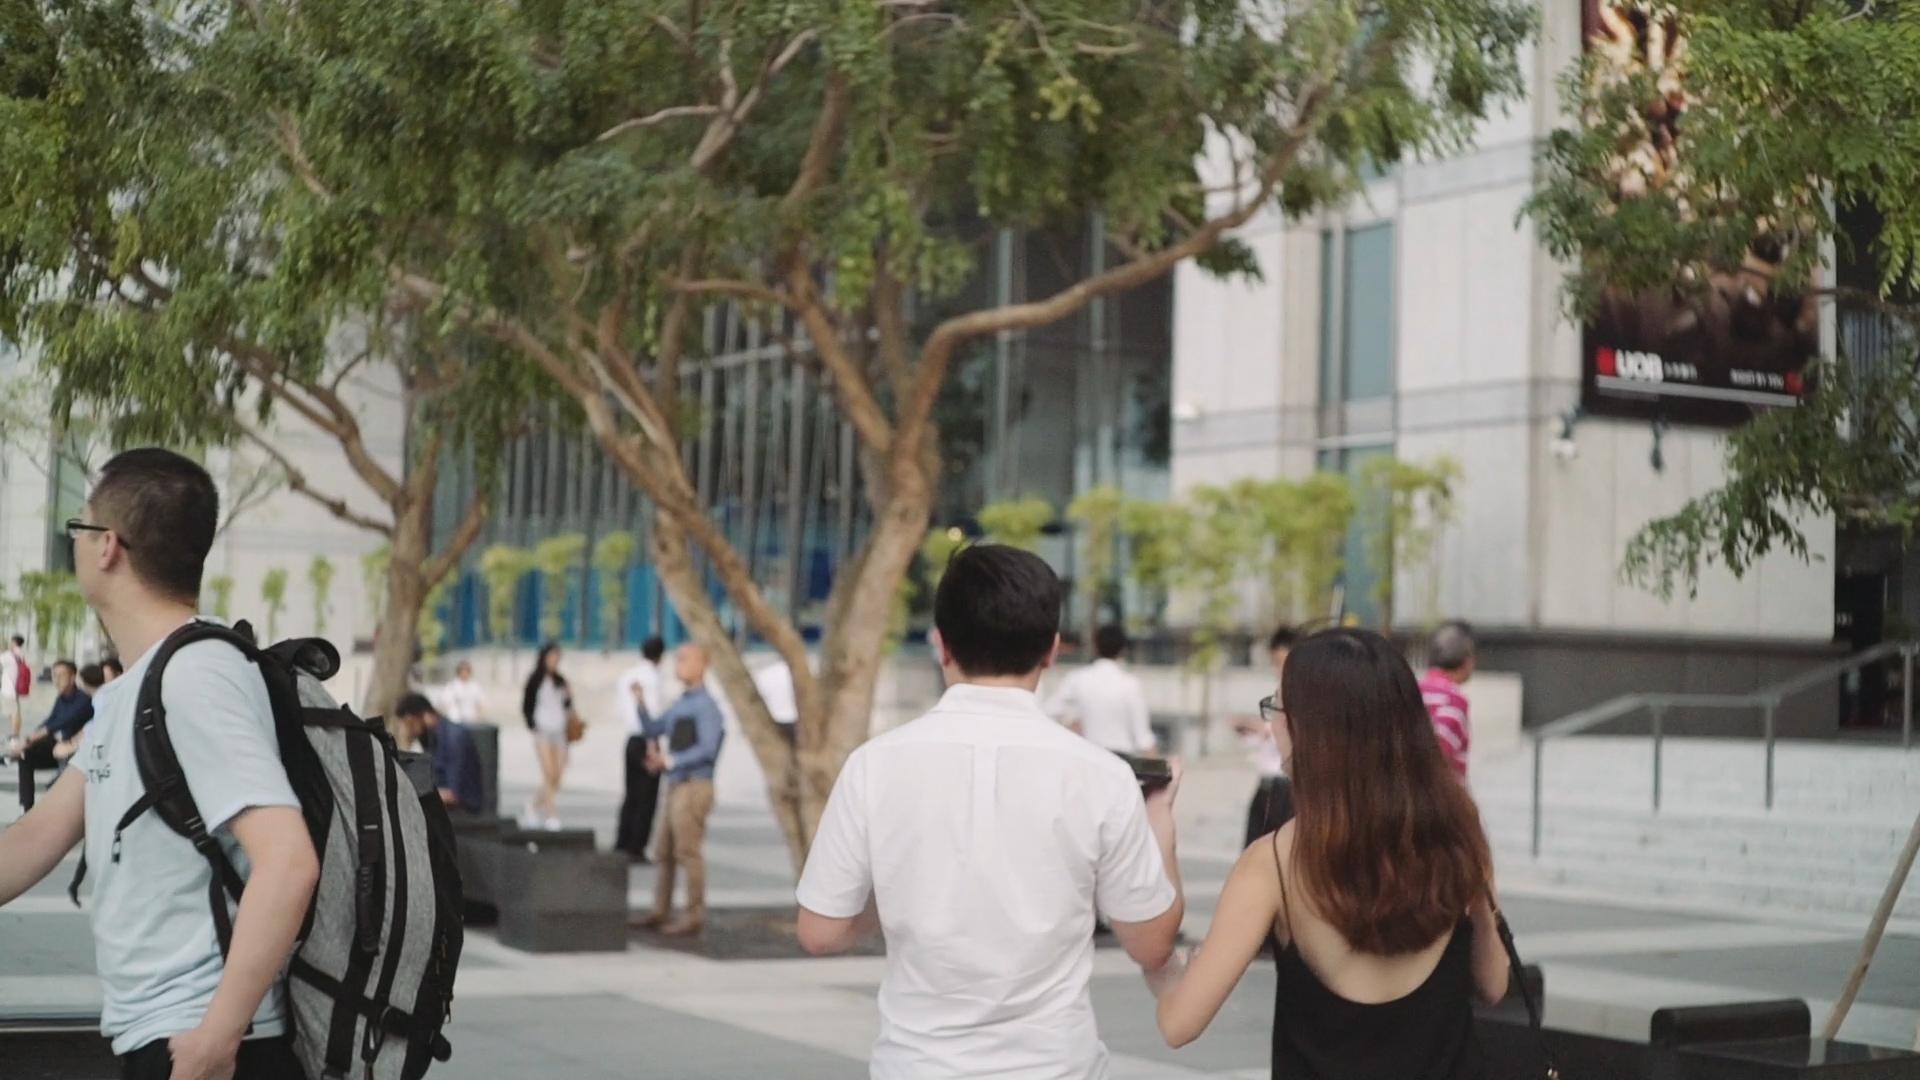 FFK_IG_59s_Screenshot_Bryan Cheng Ting PW_002.jpg